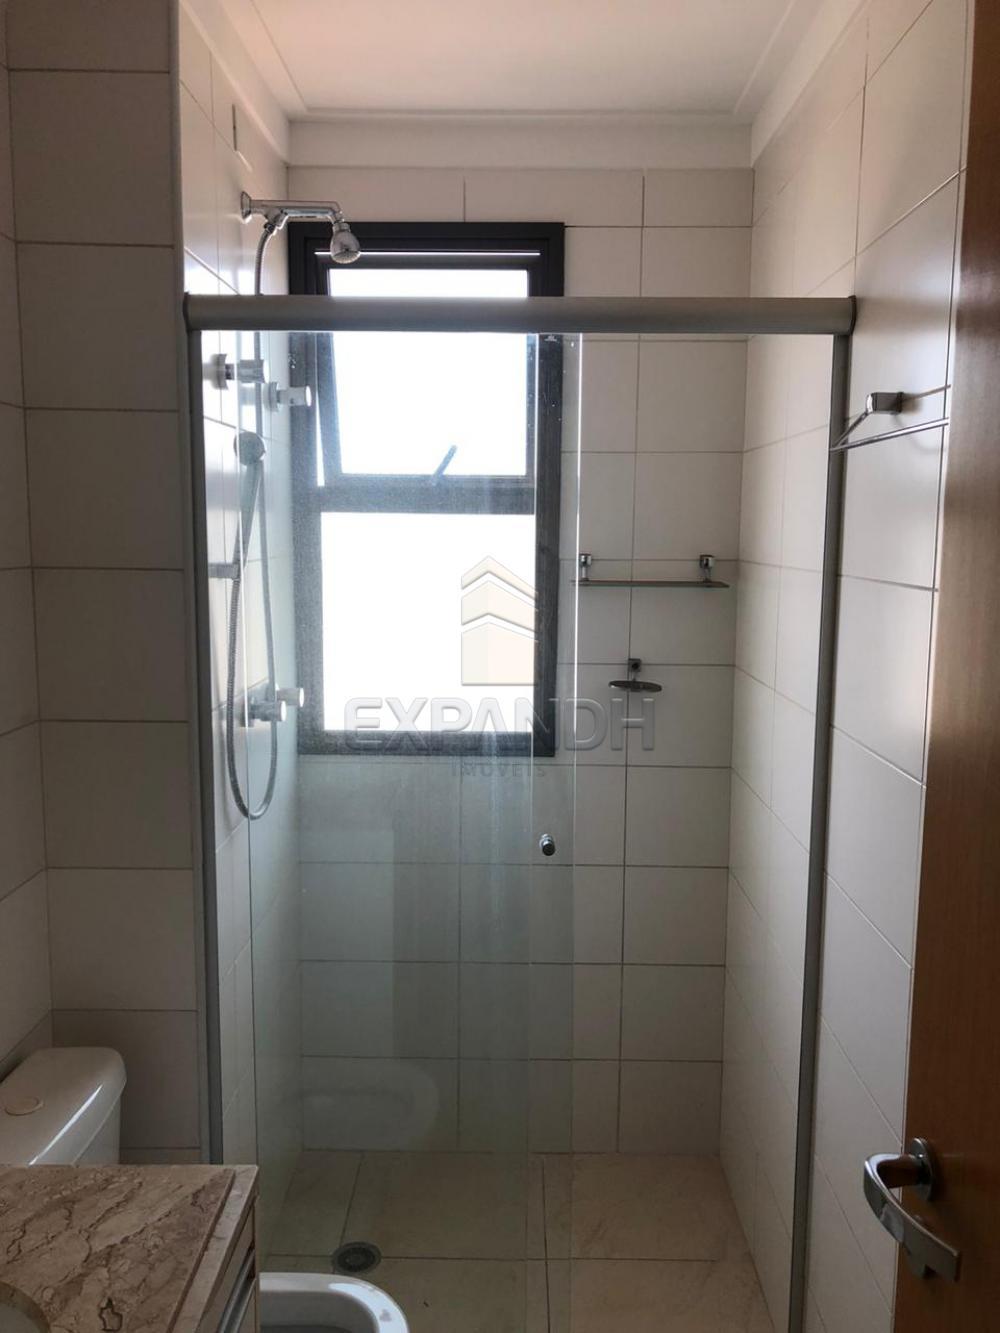 Alugar Apartamentos / Padrão em Sertãozinho apenas R$ 1.650,00 - Foto 20